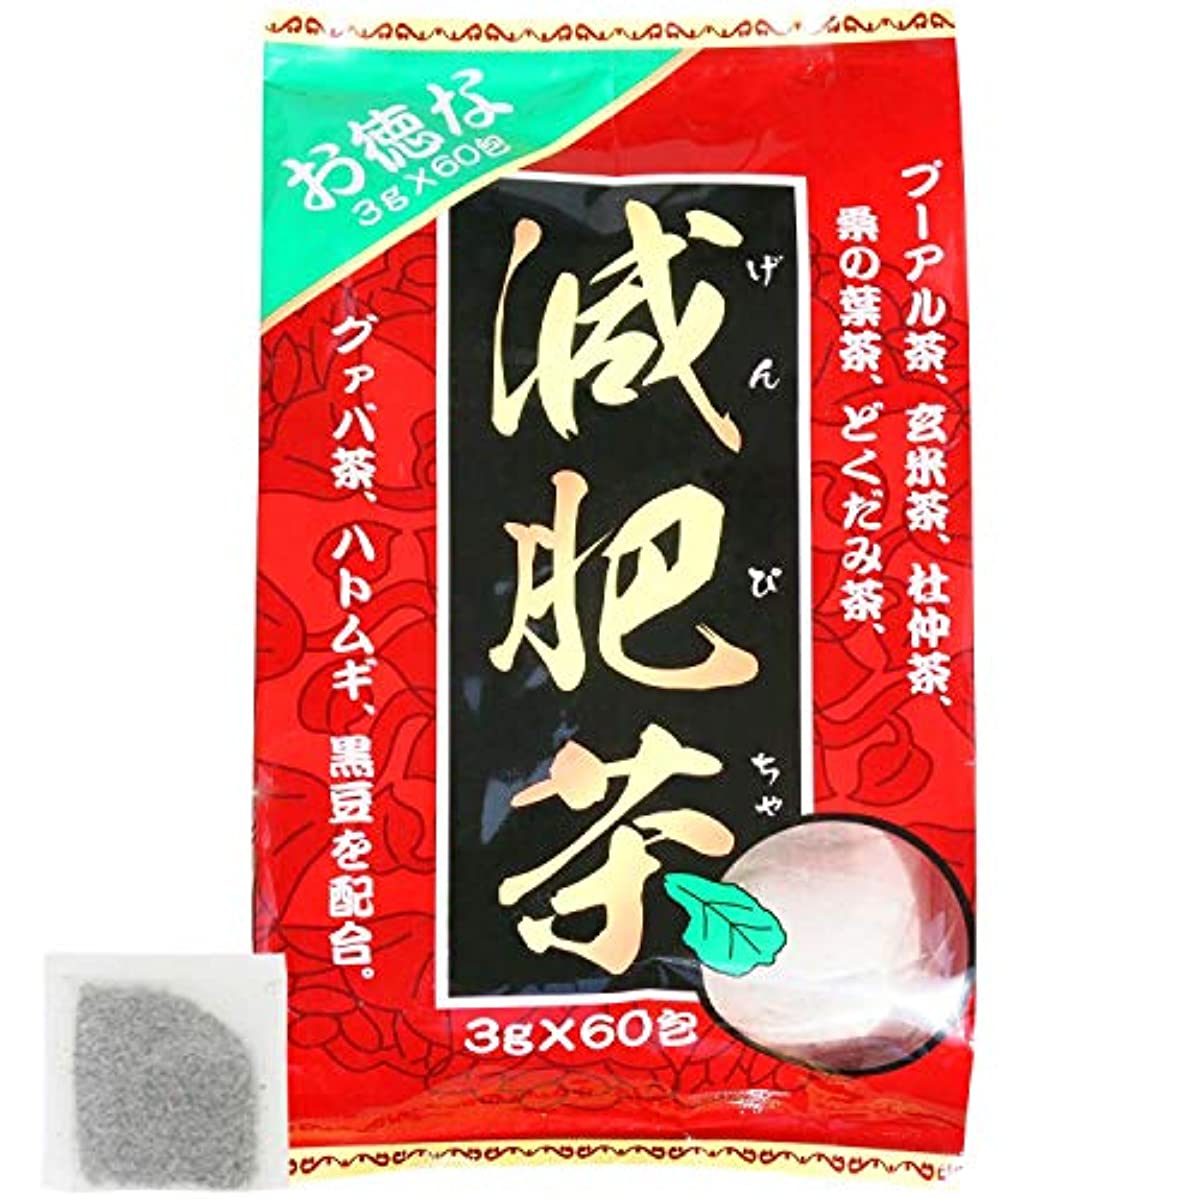 ユウキ製薬 お徳な減肥茶 30-60日分 3g×60包